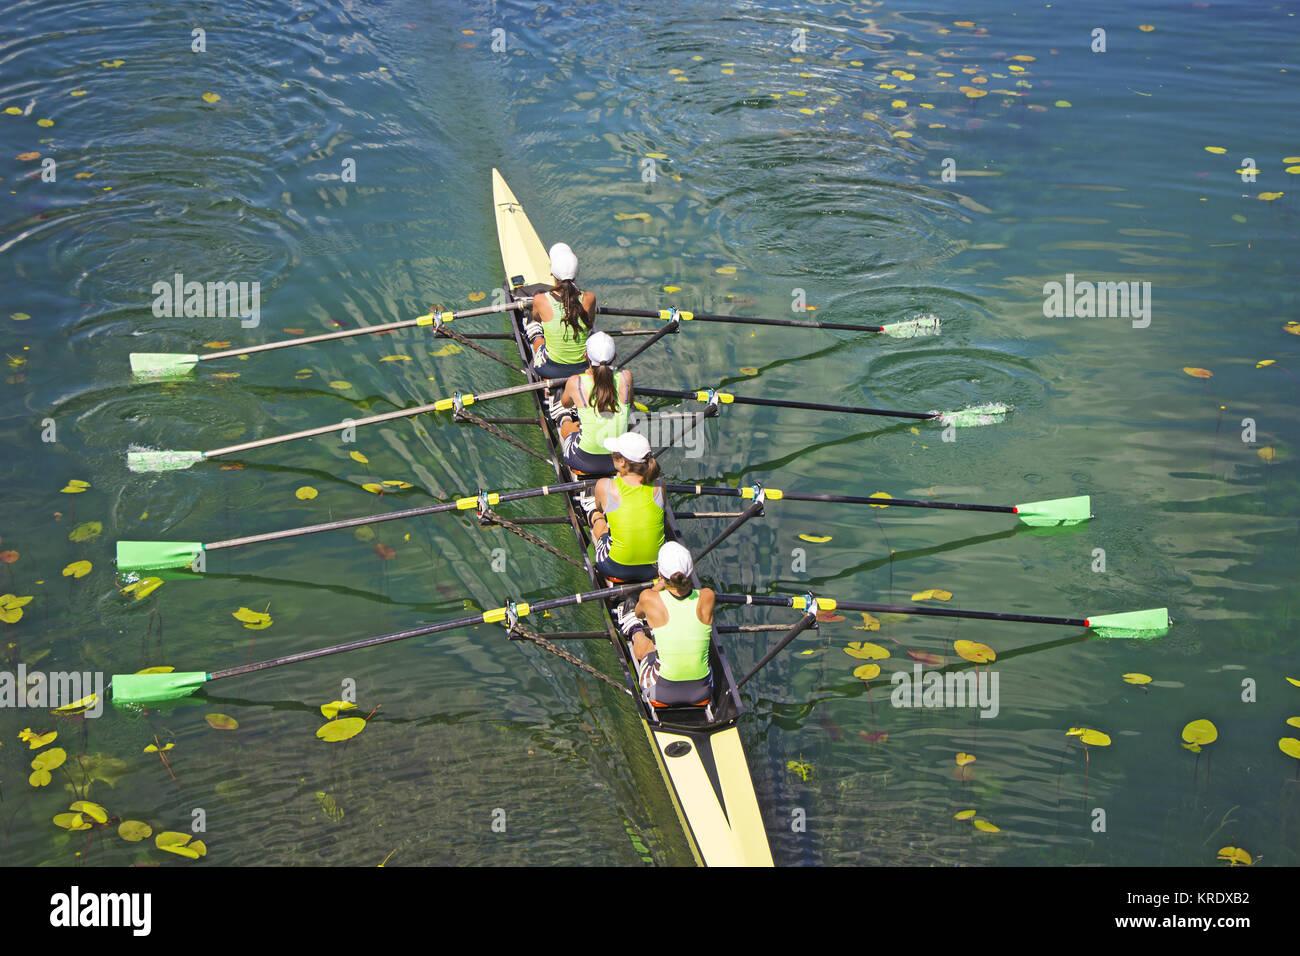 Team of rowing Four-oar women in boat - Stock Image